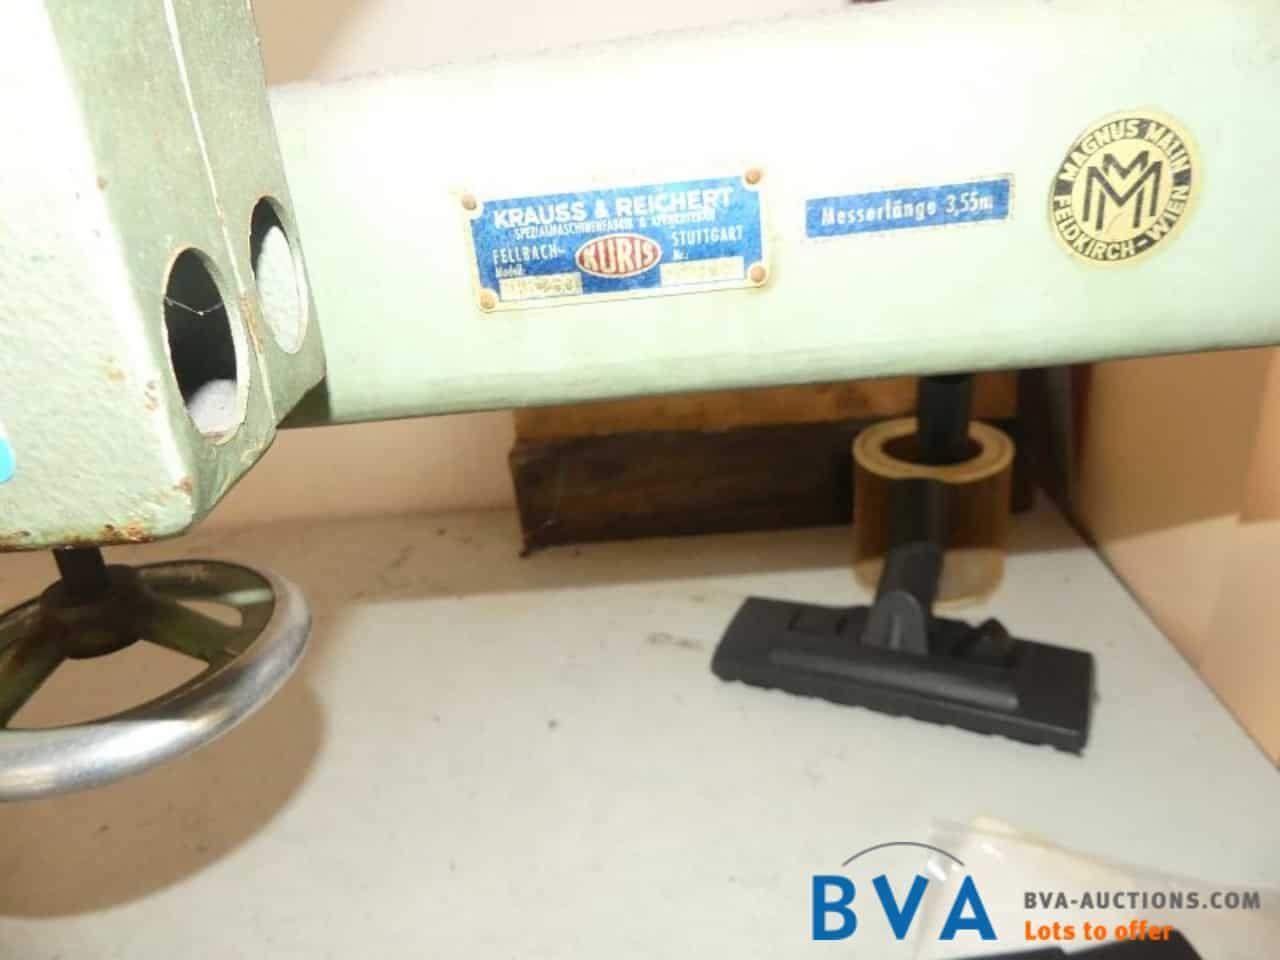 Bandmesser-Schneidmaschine Kuris PKR250 Kraus & Reichert